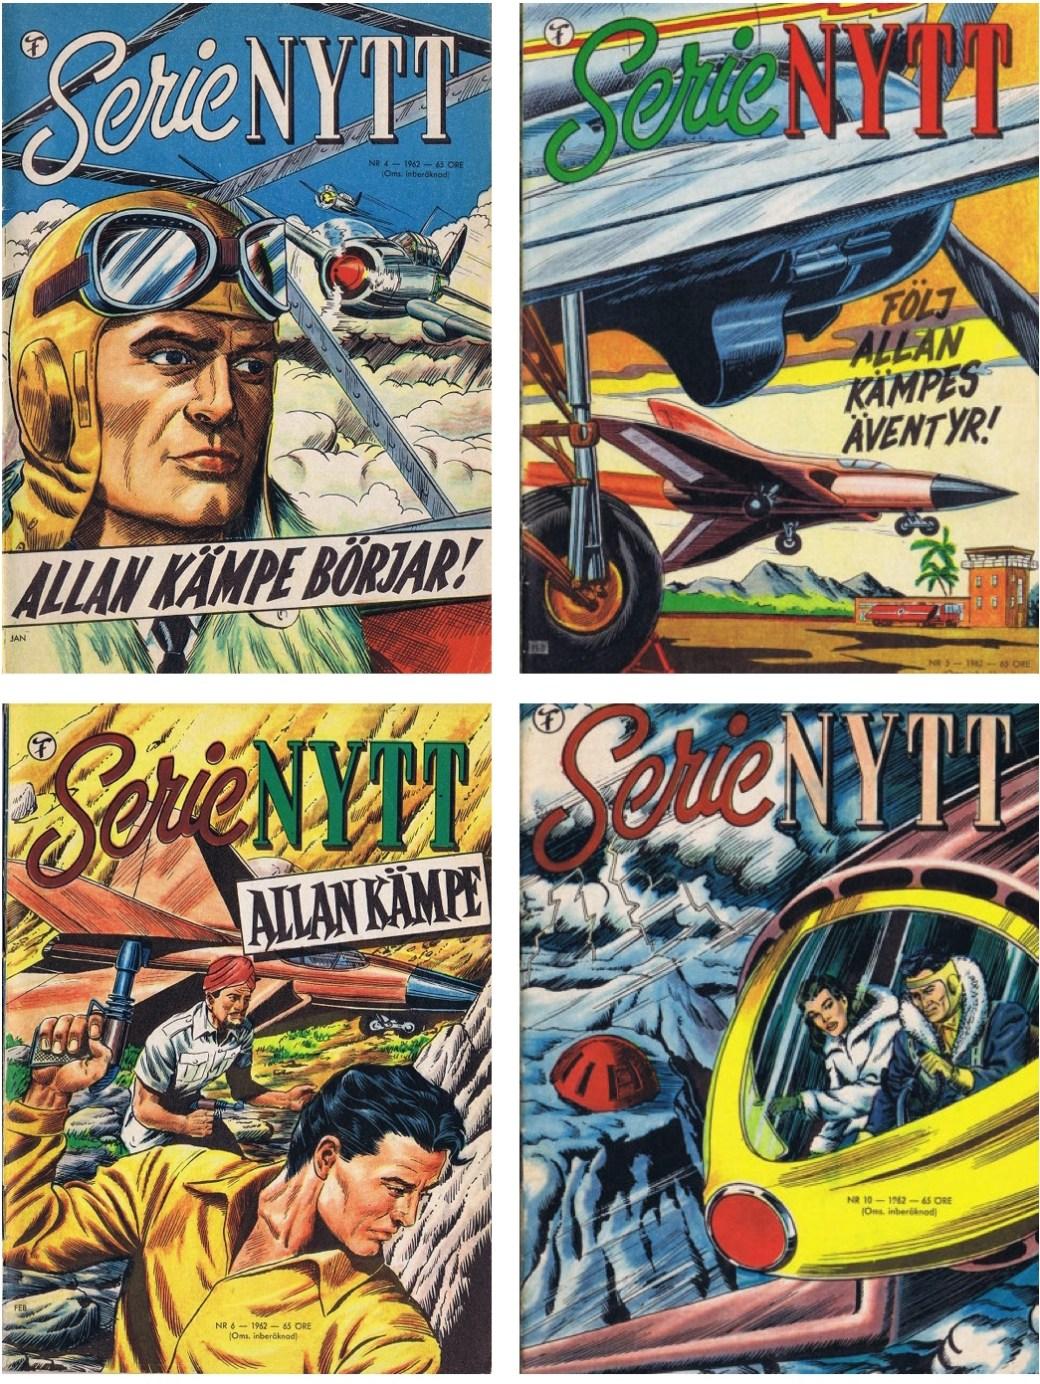 Allan Kämpe publicerades i SerieNytt från nr  4, 1962 till nr 11, 1963